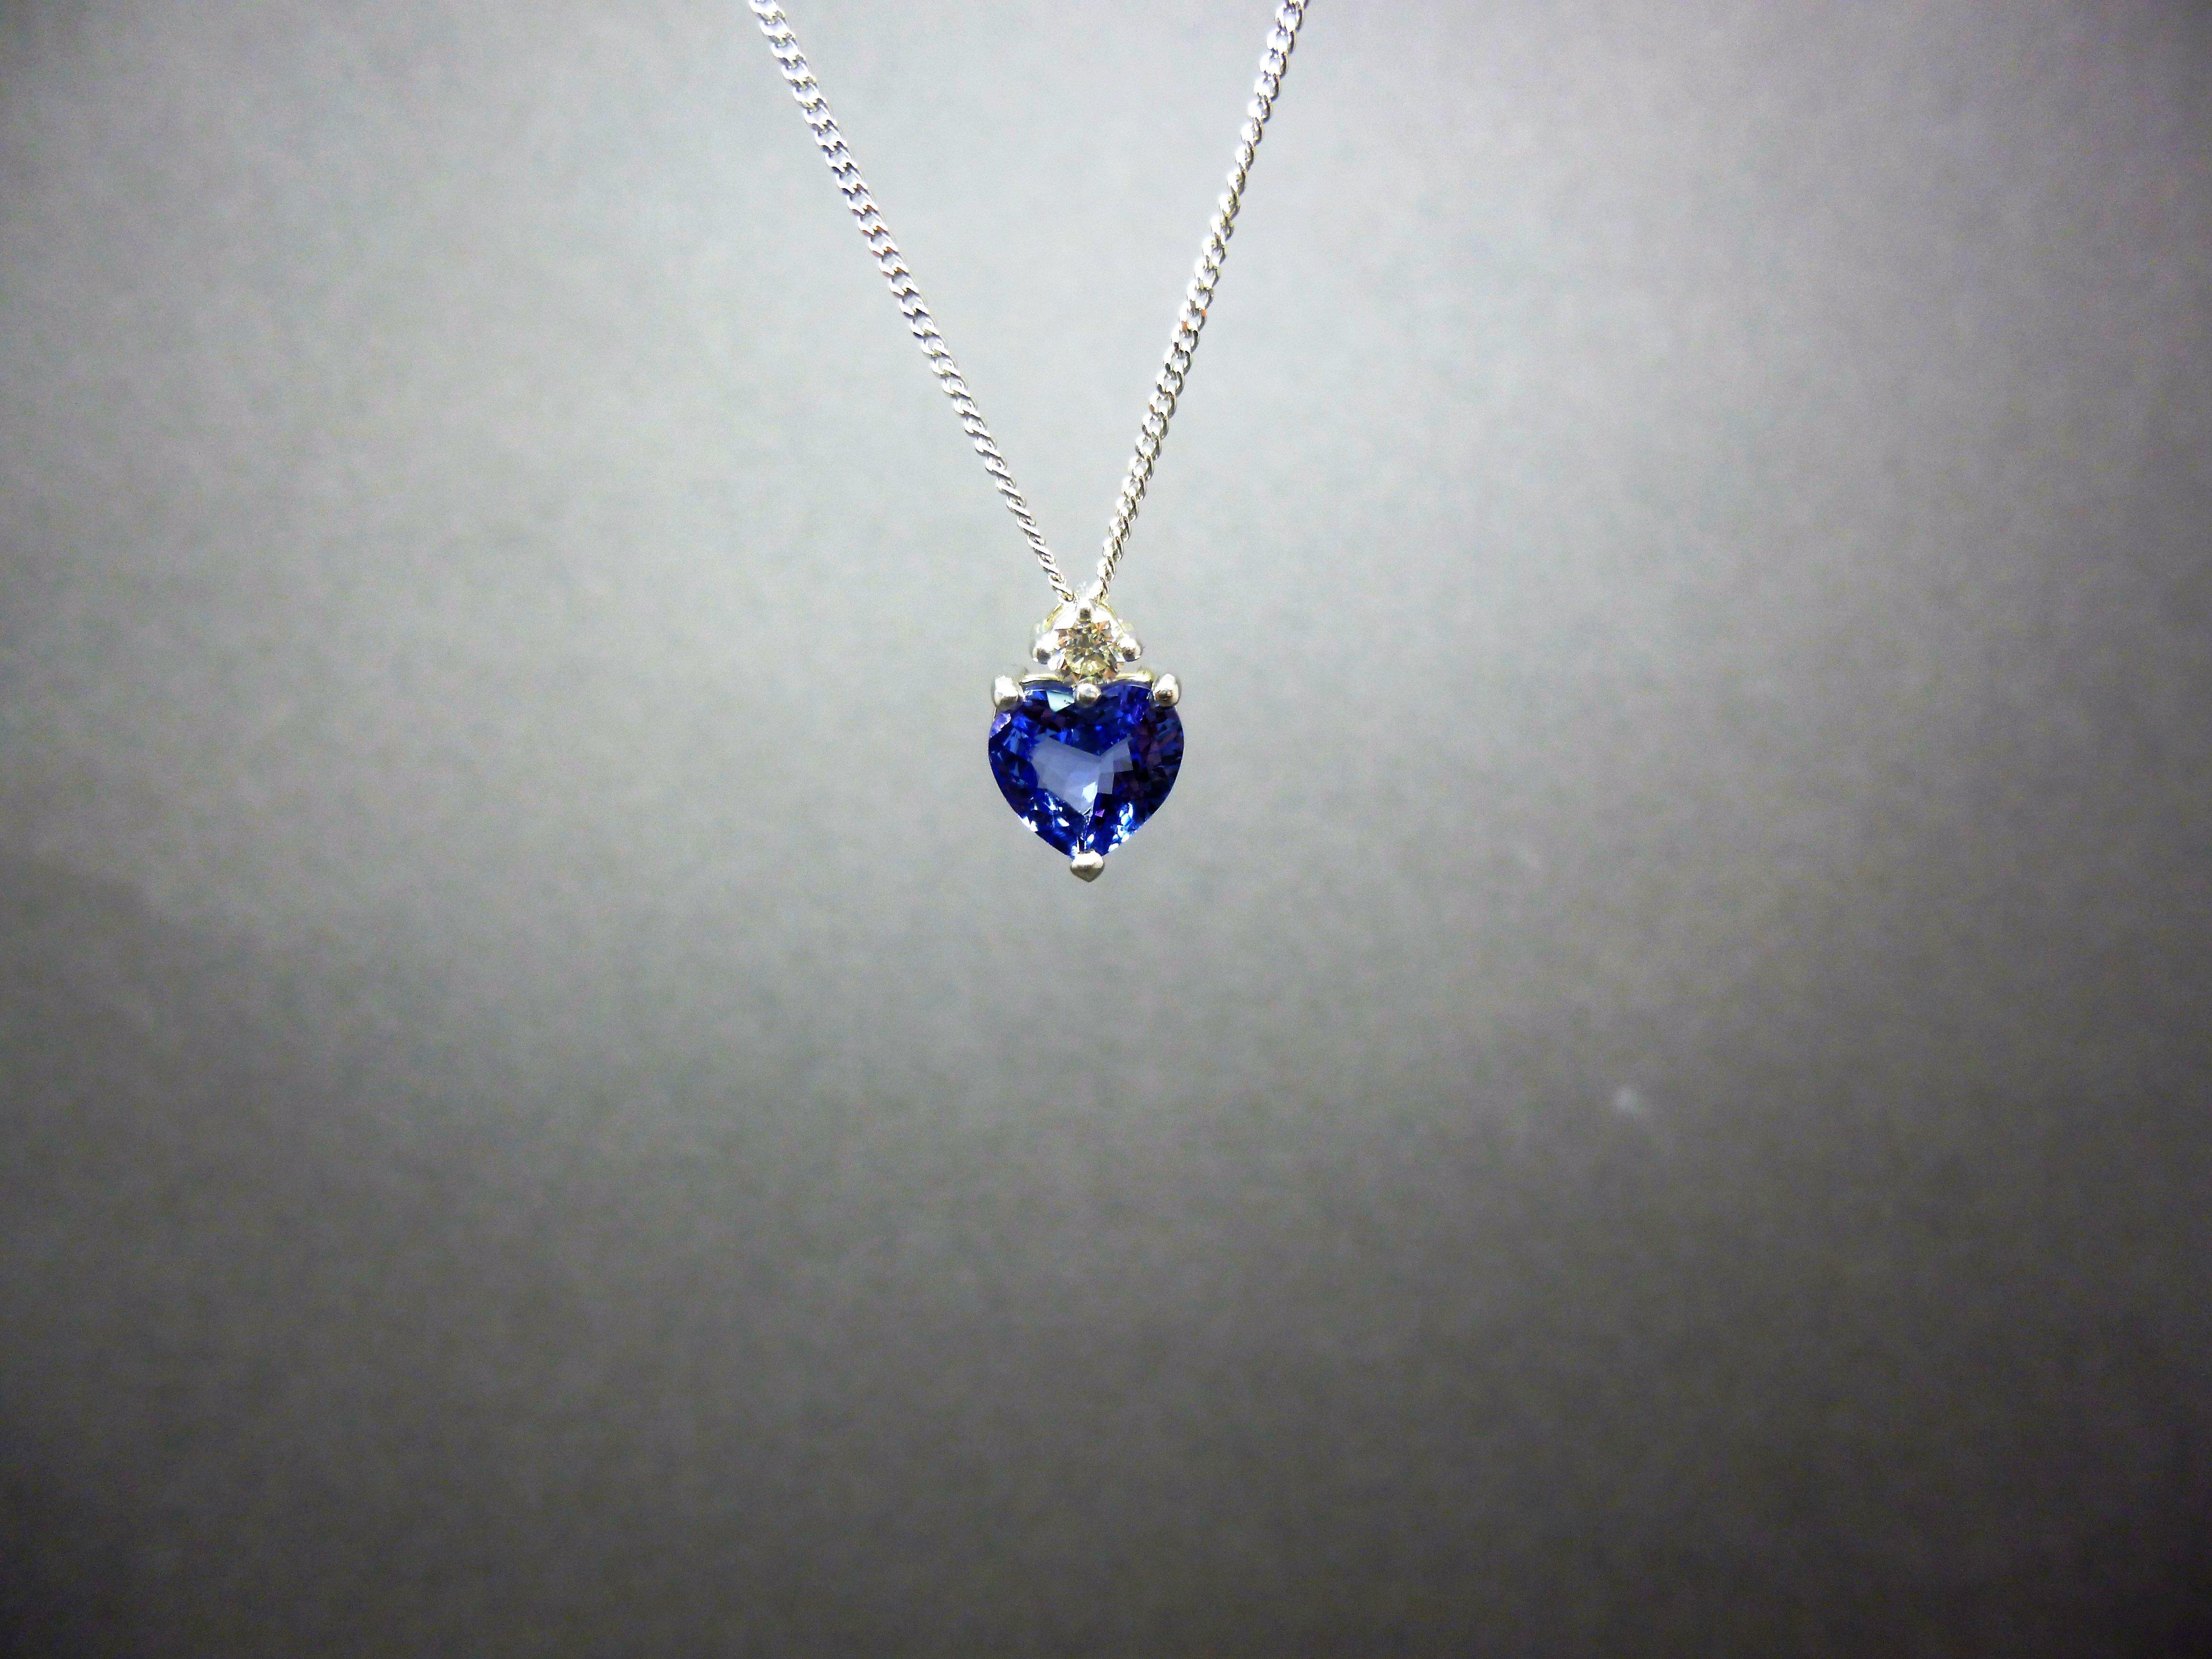 The blue tanzanite of a tanzanite and diamond pendant